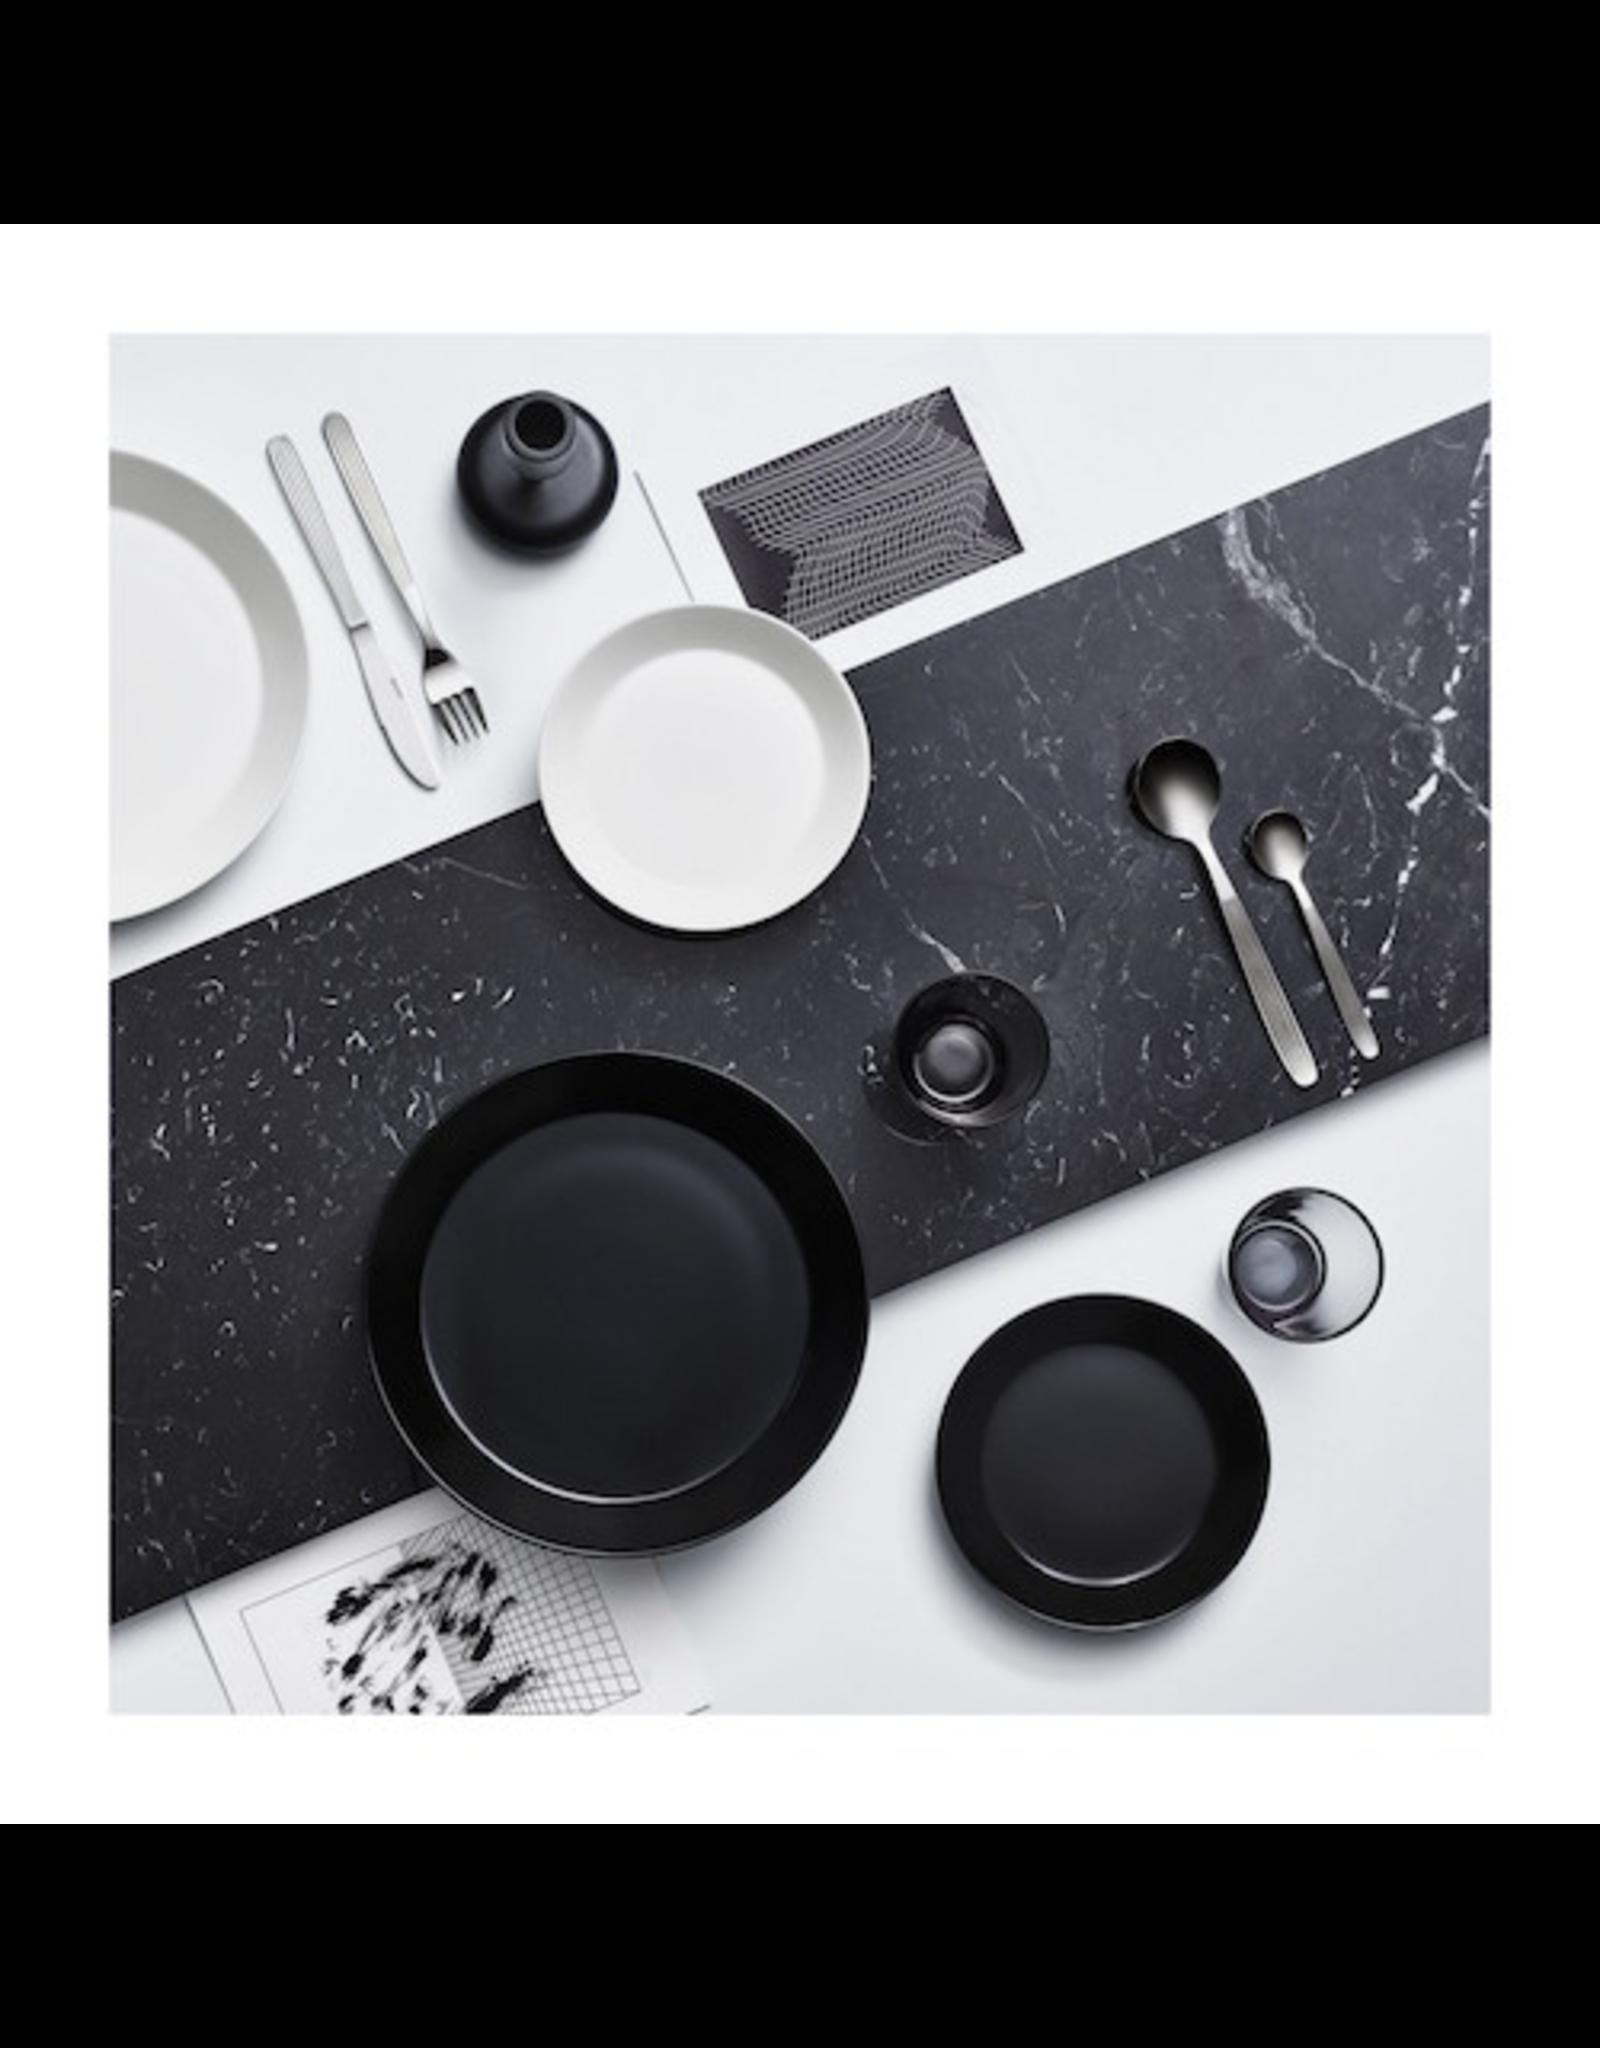 TEEMA 黑色系列餐具